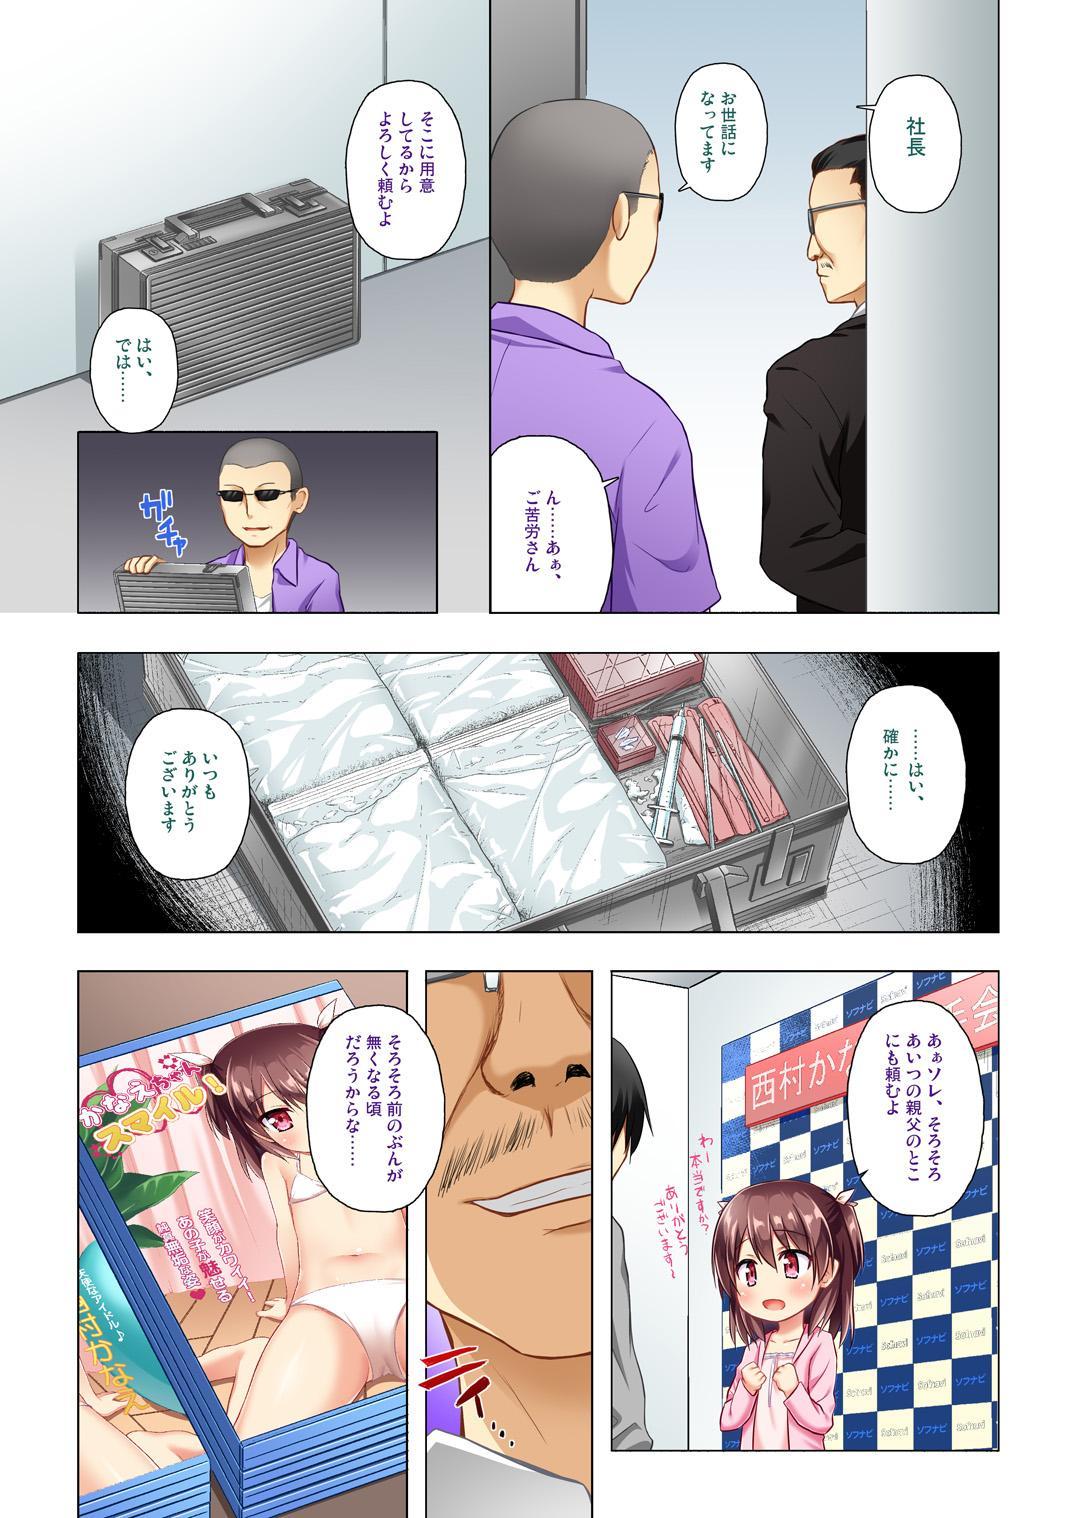 Kanae-chan Smile! 21